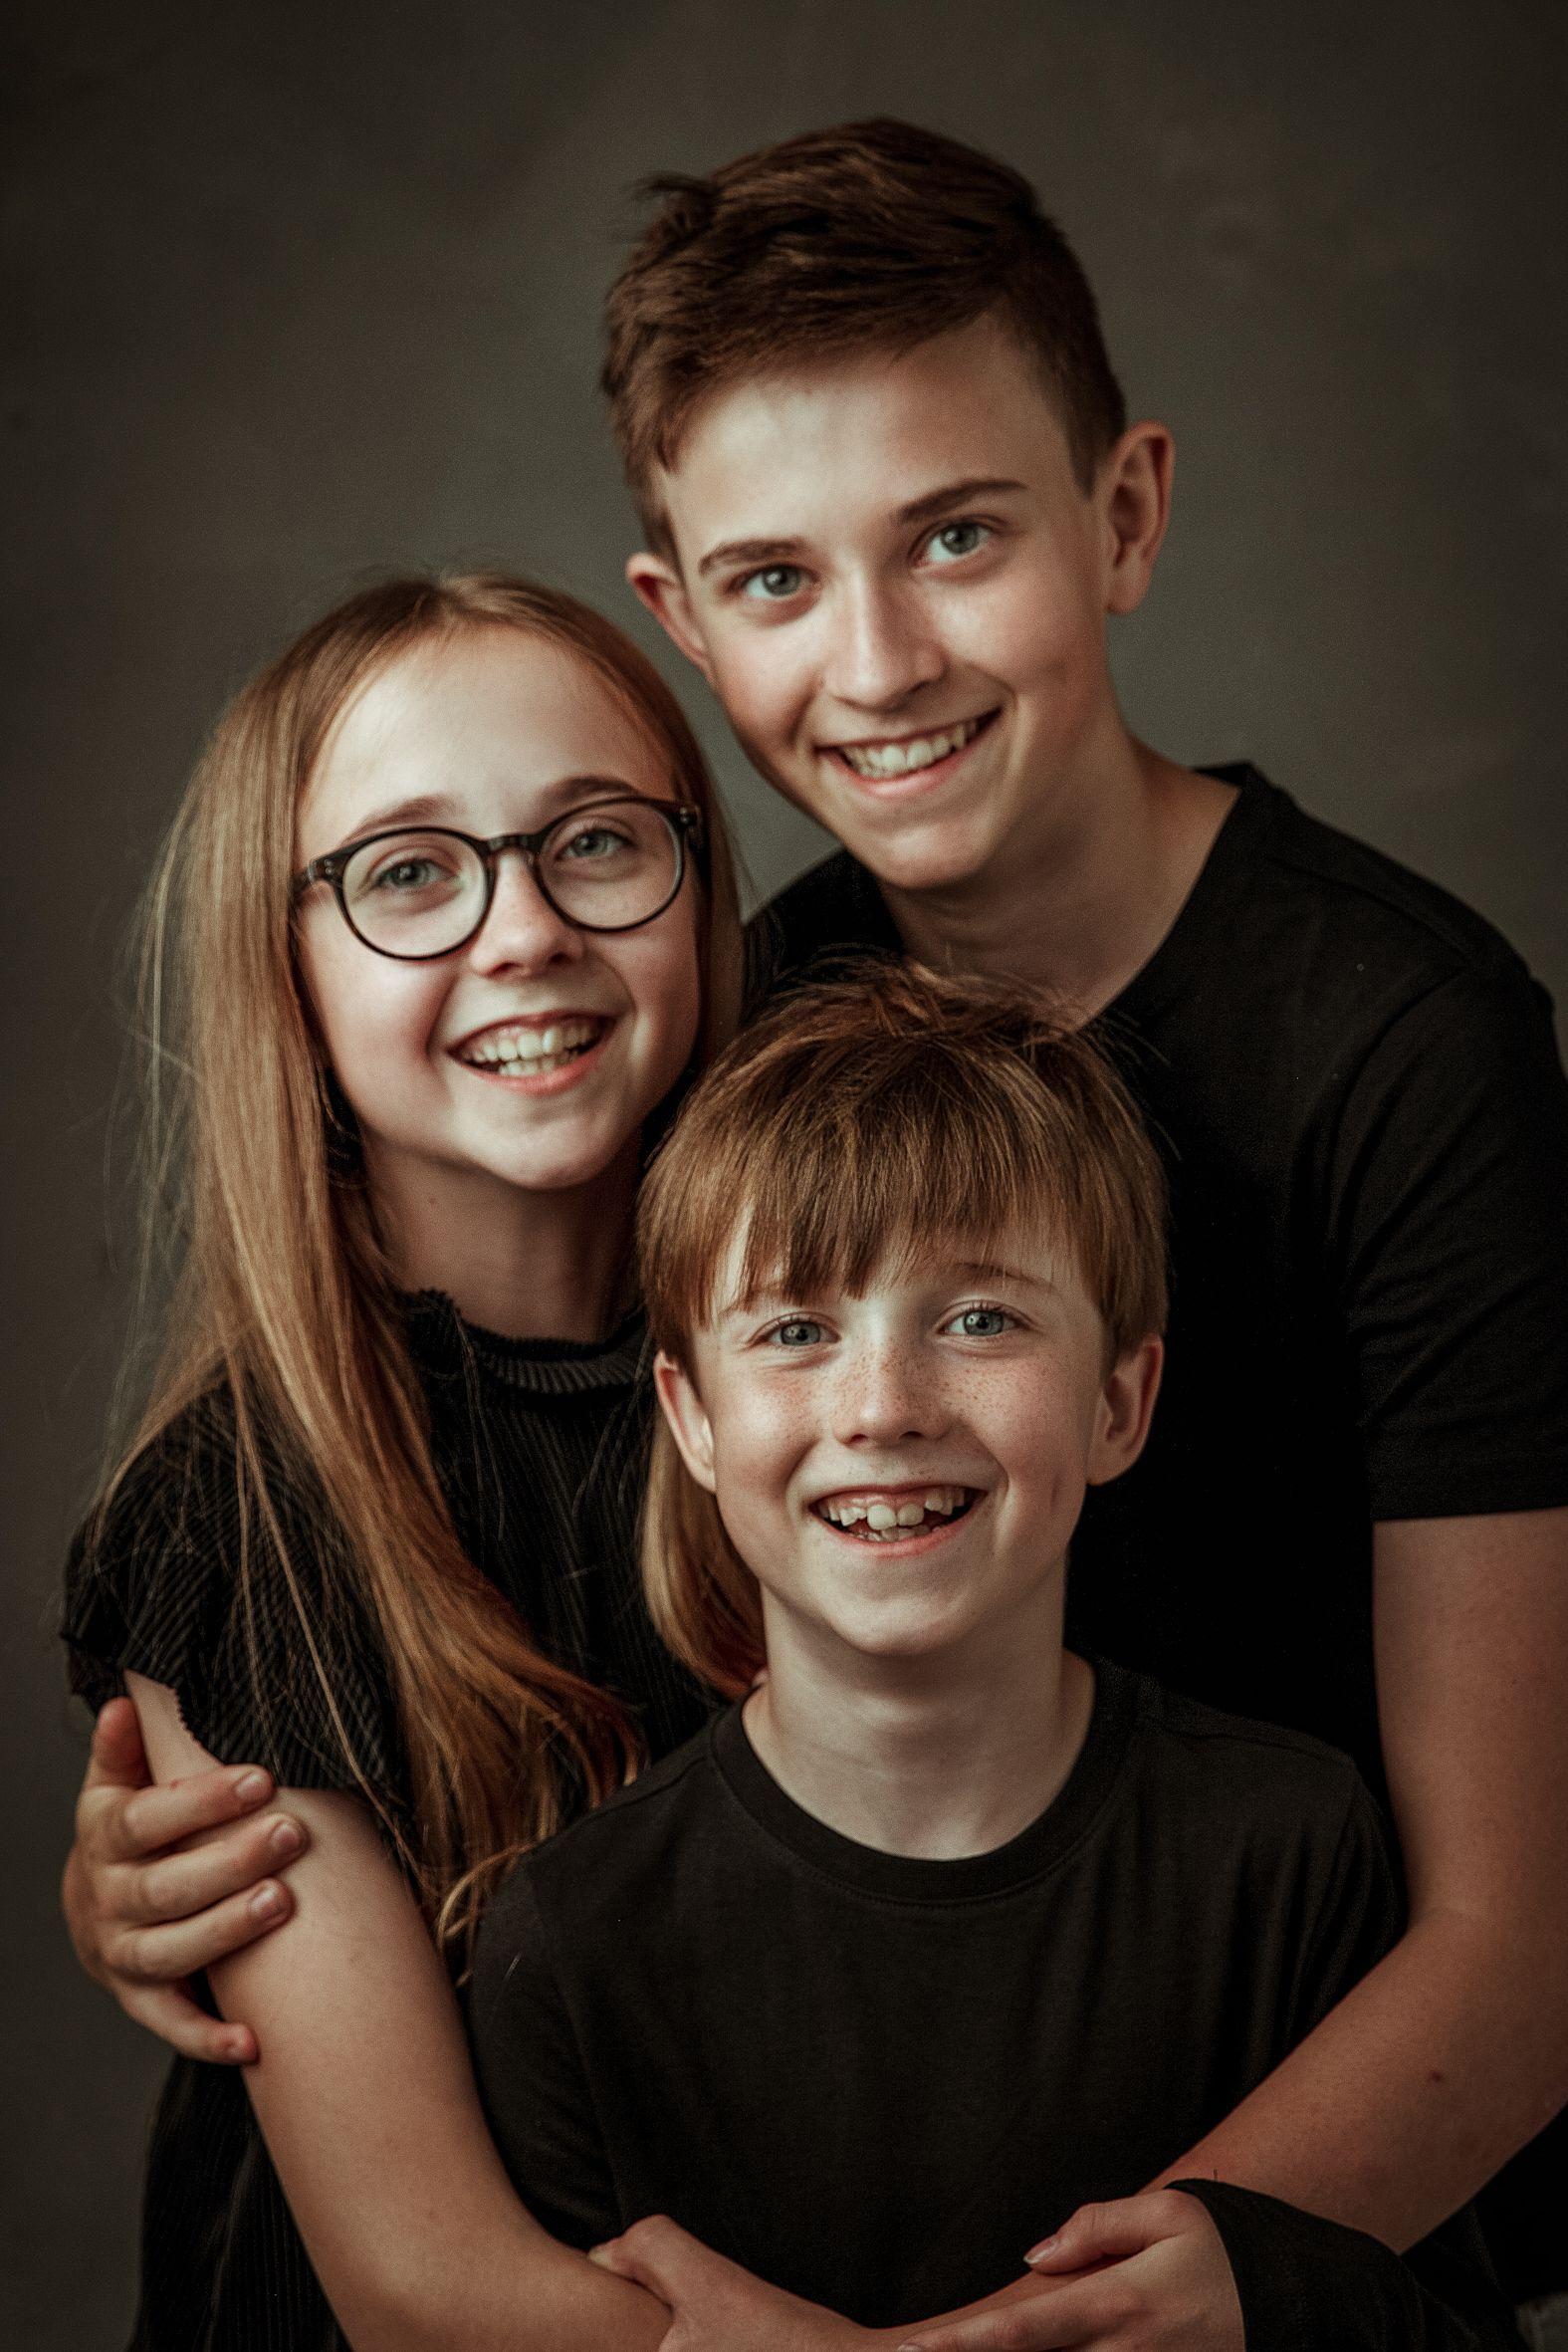 broers en zus lachend - xifotografie hoofddorp